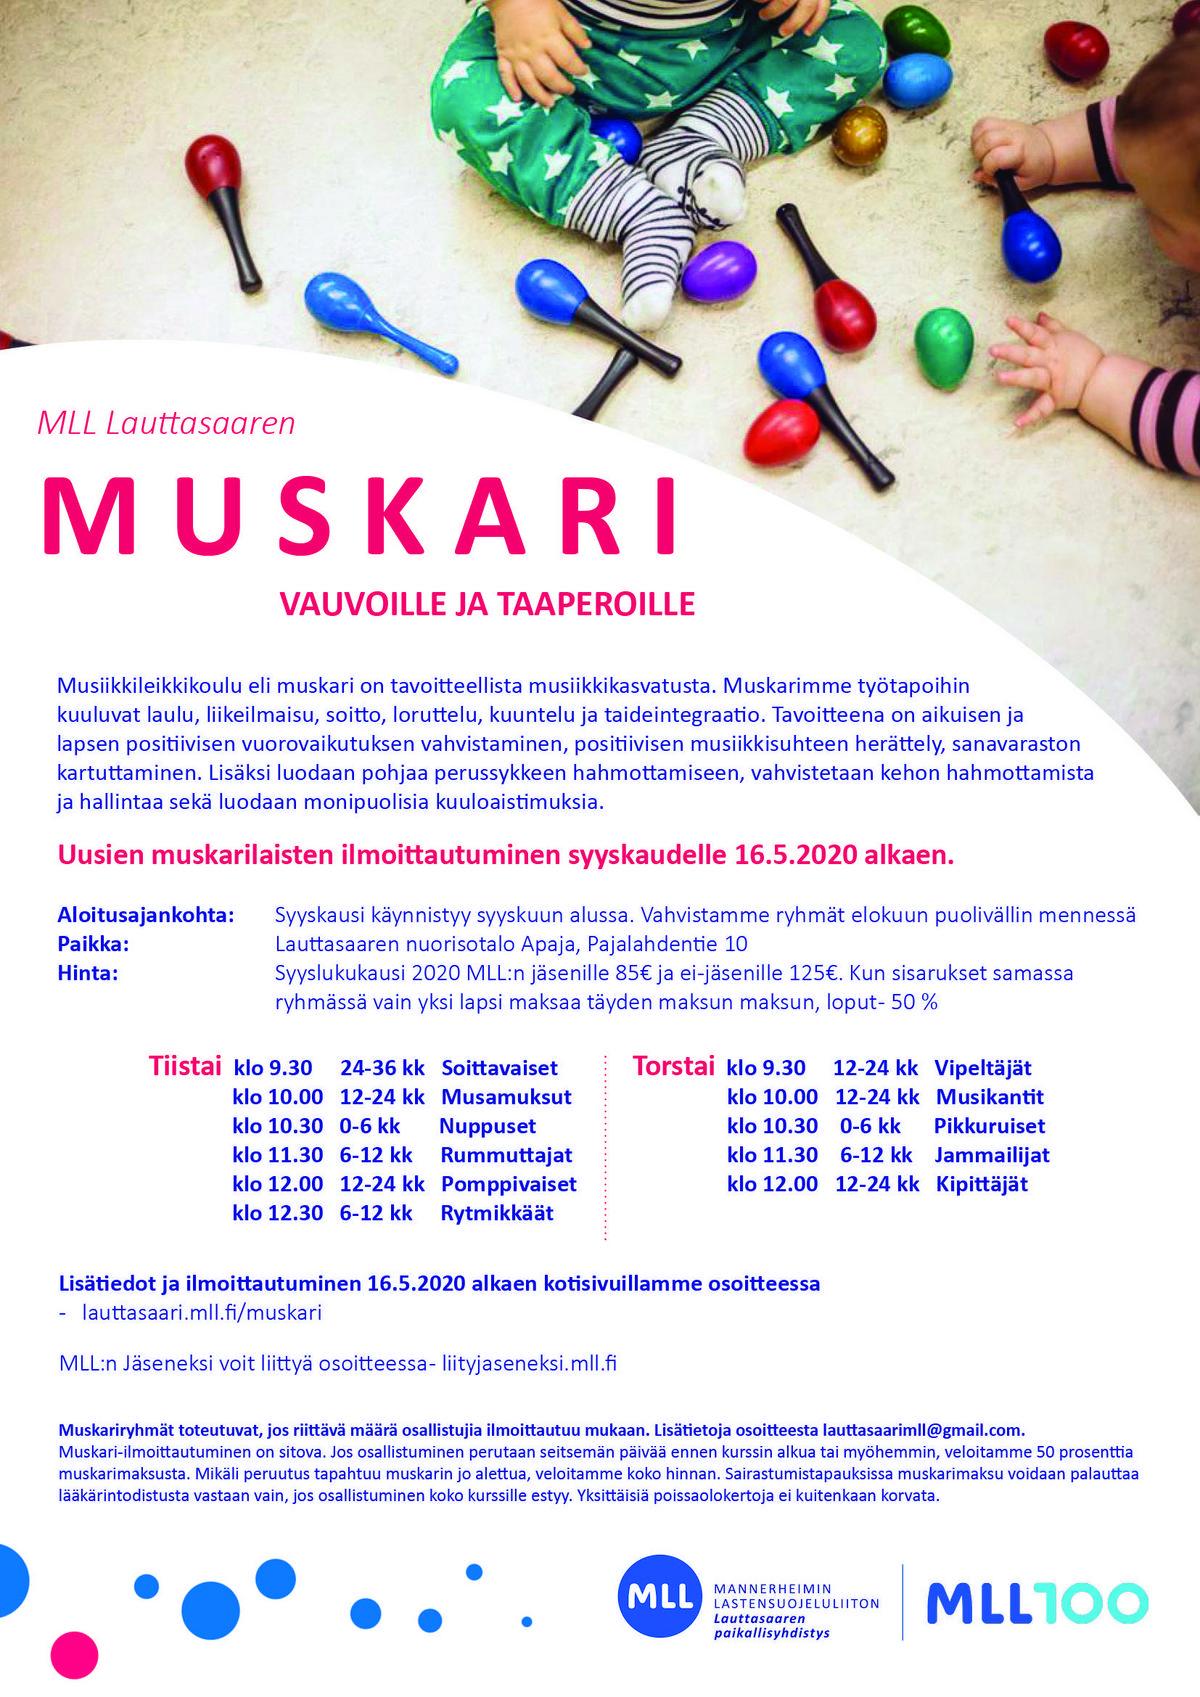 Mll Muskari